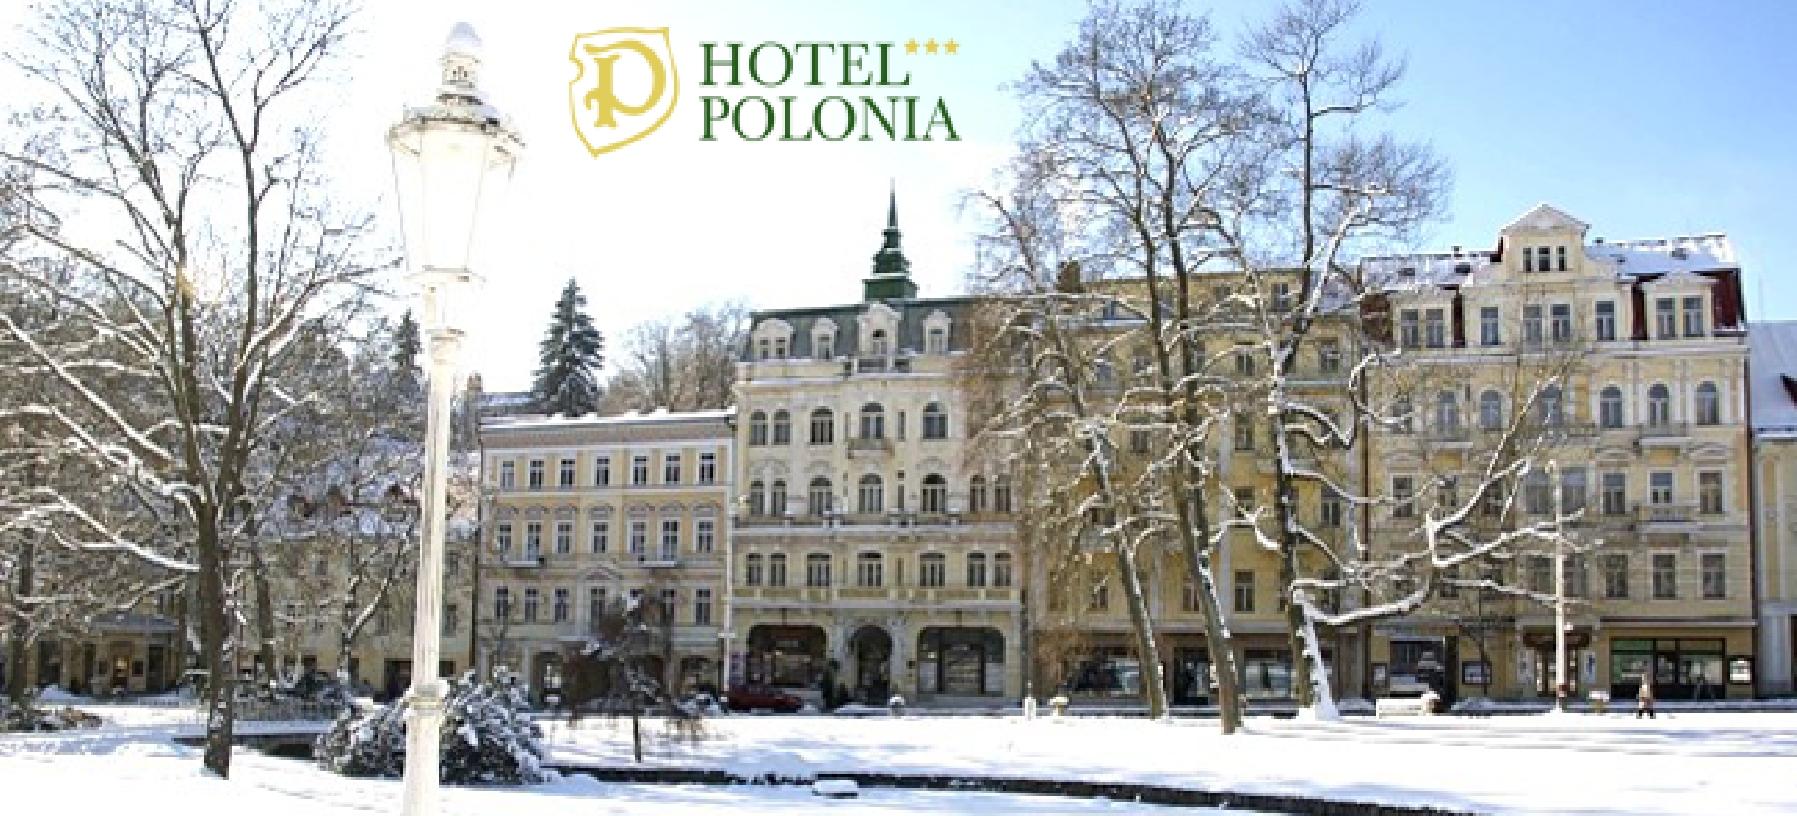 Hotel Polonia v Mariánských Lázních pro 2 osoby